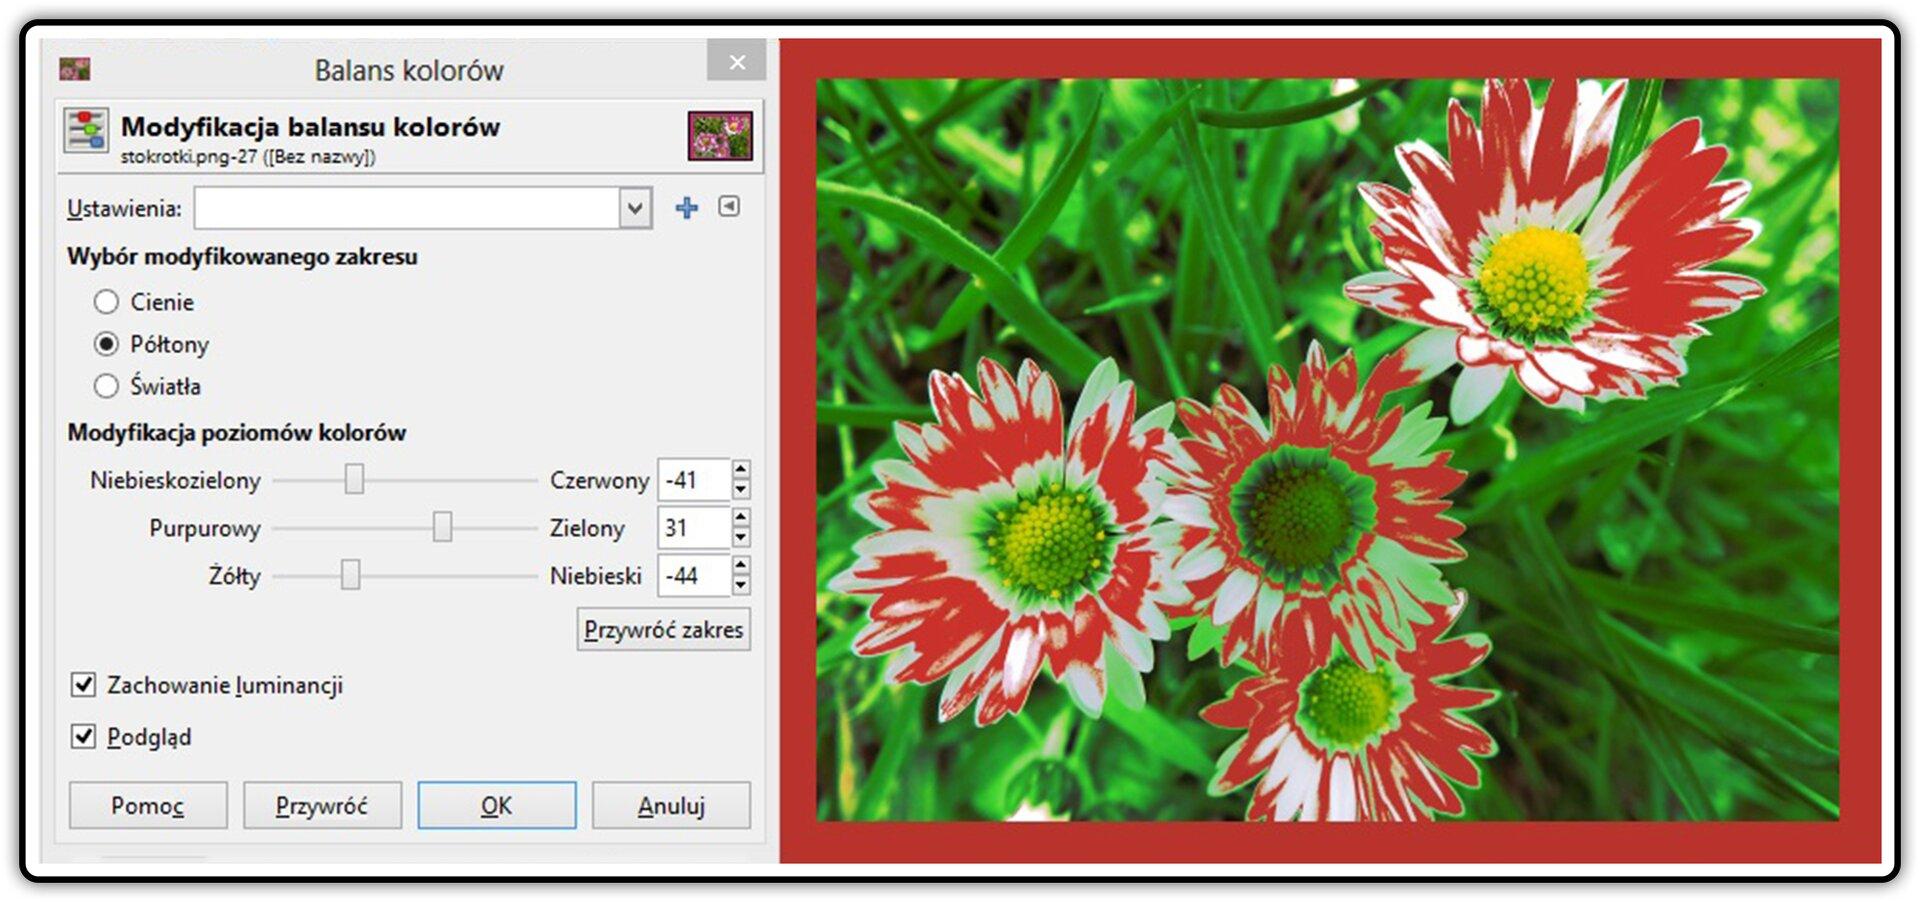 Zrzut okna: Balans kolorów